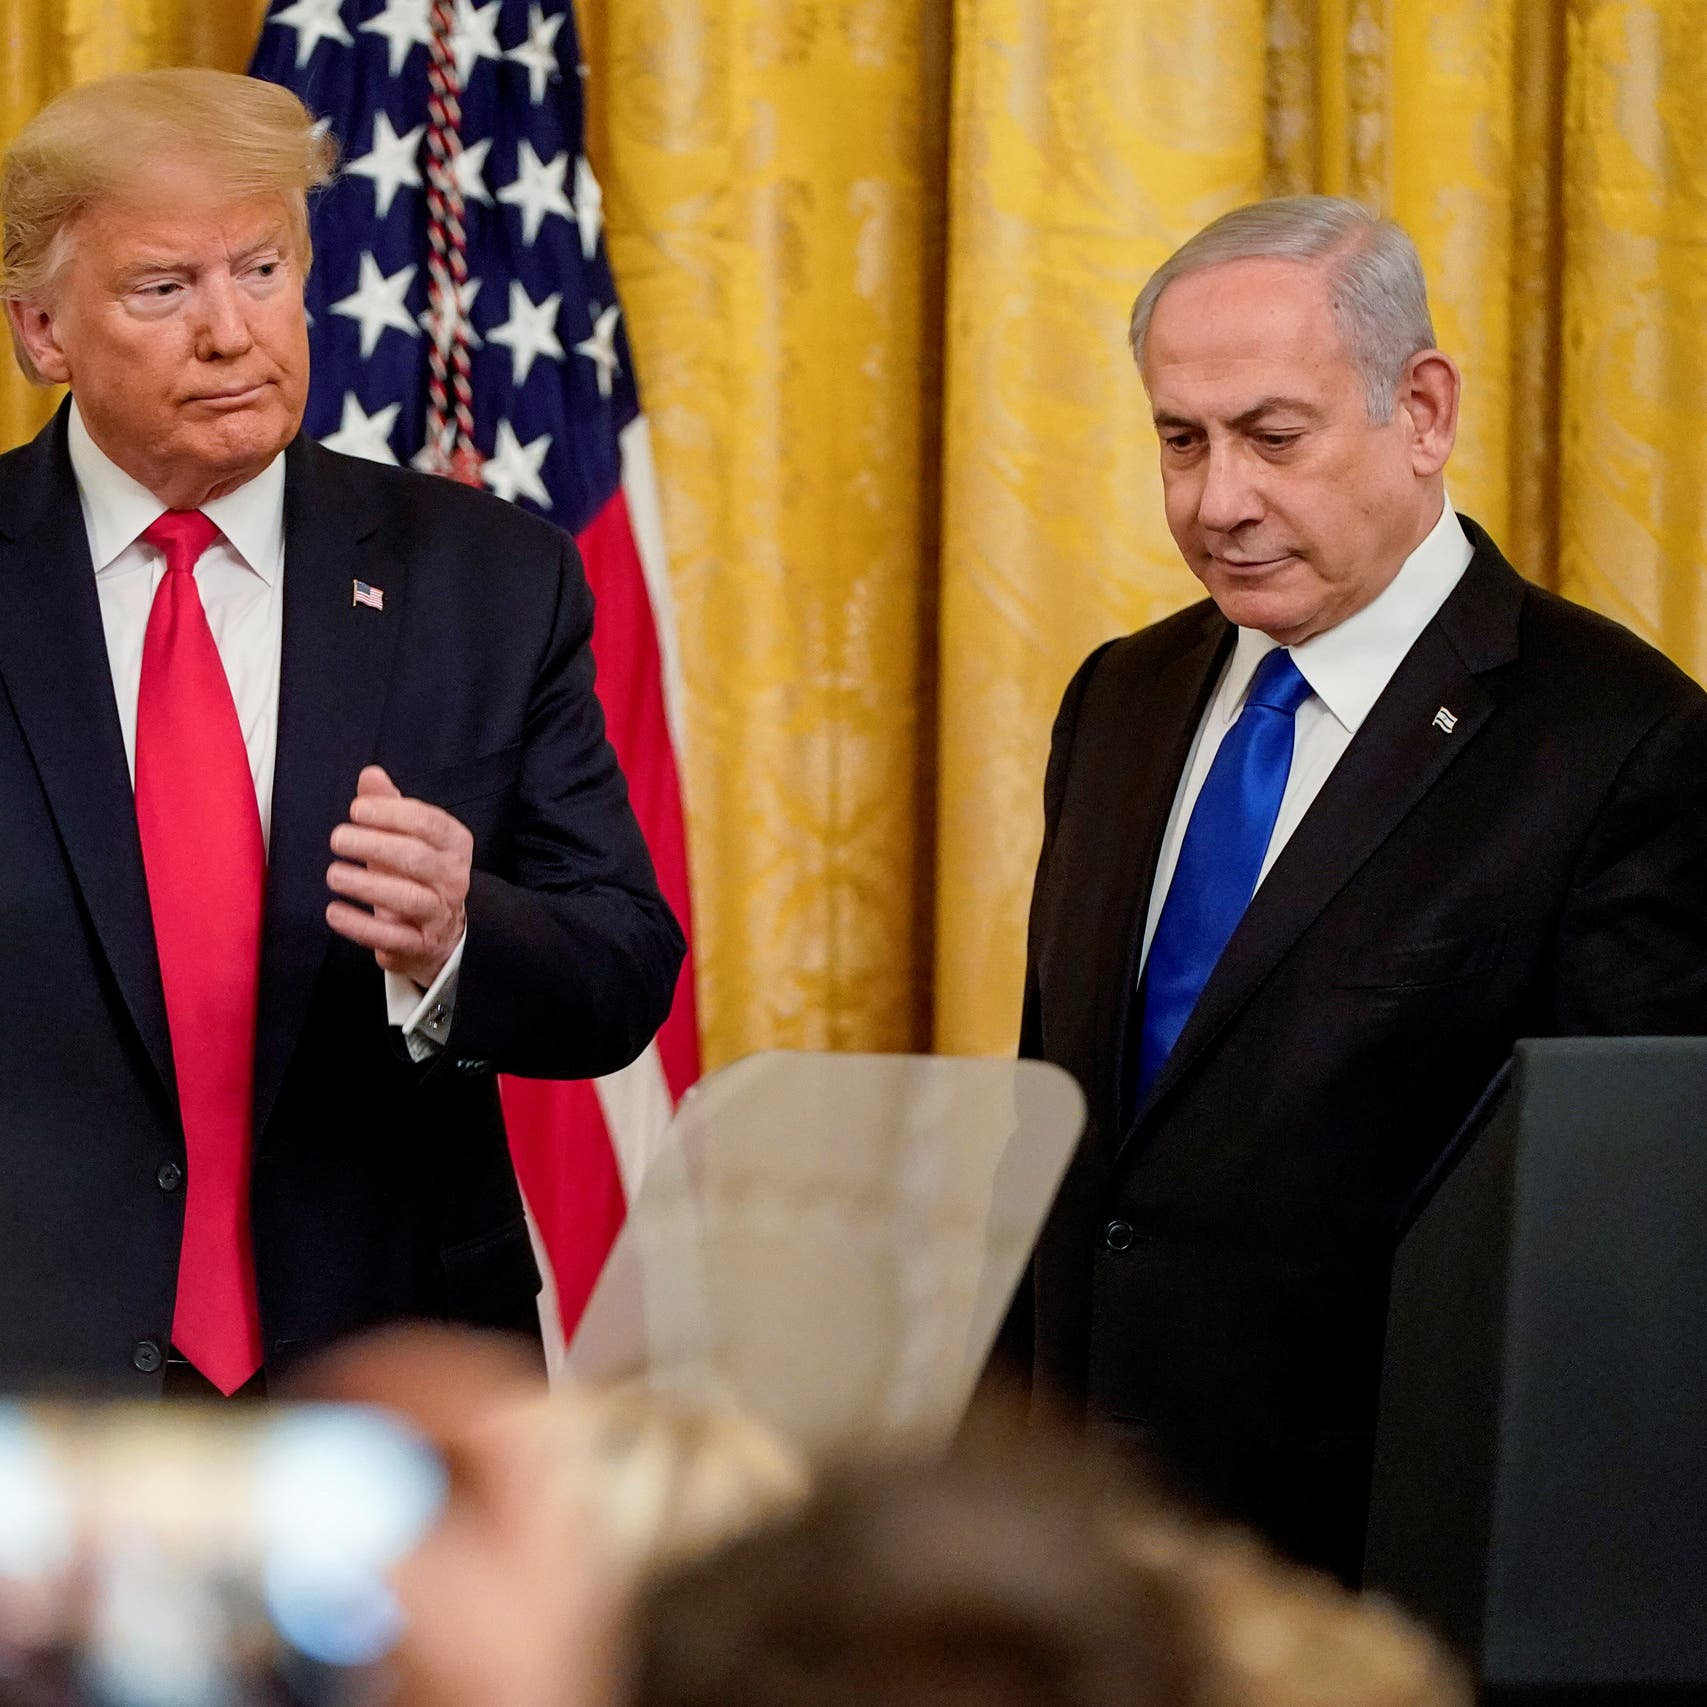 ردود أفعال دولية متباينة من خطة ترمب للسلام بالشرق الأوسط